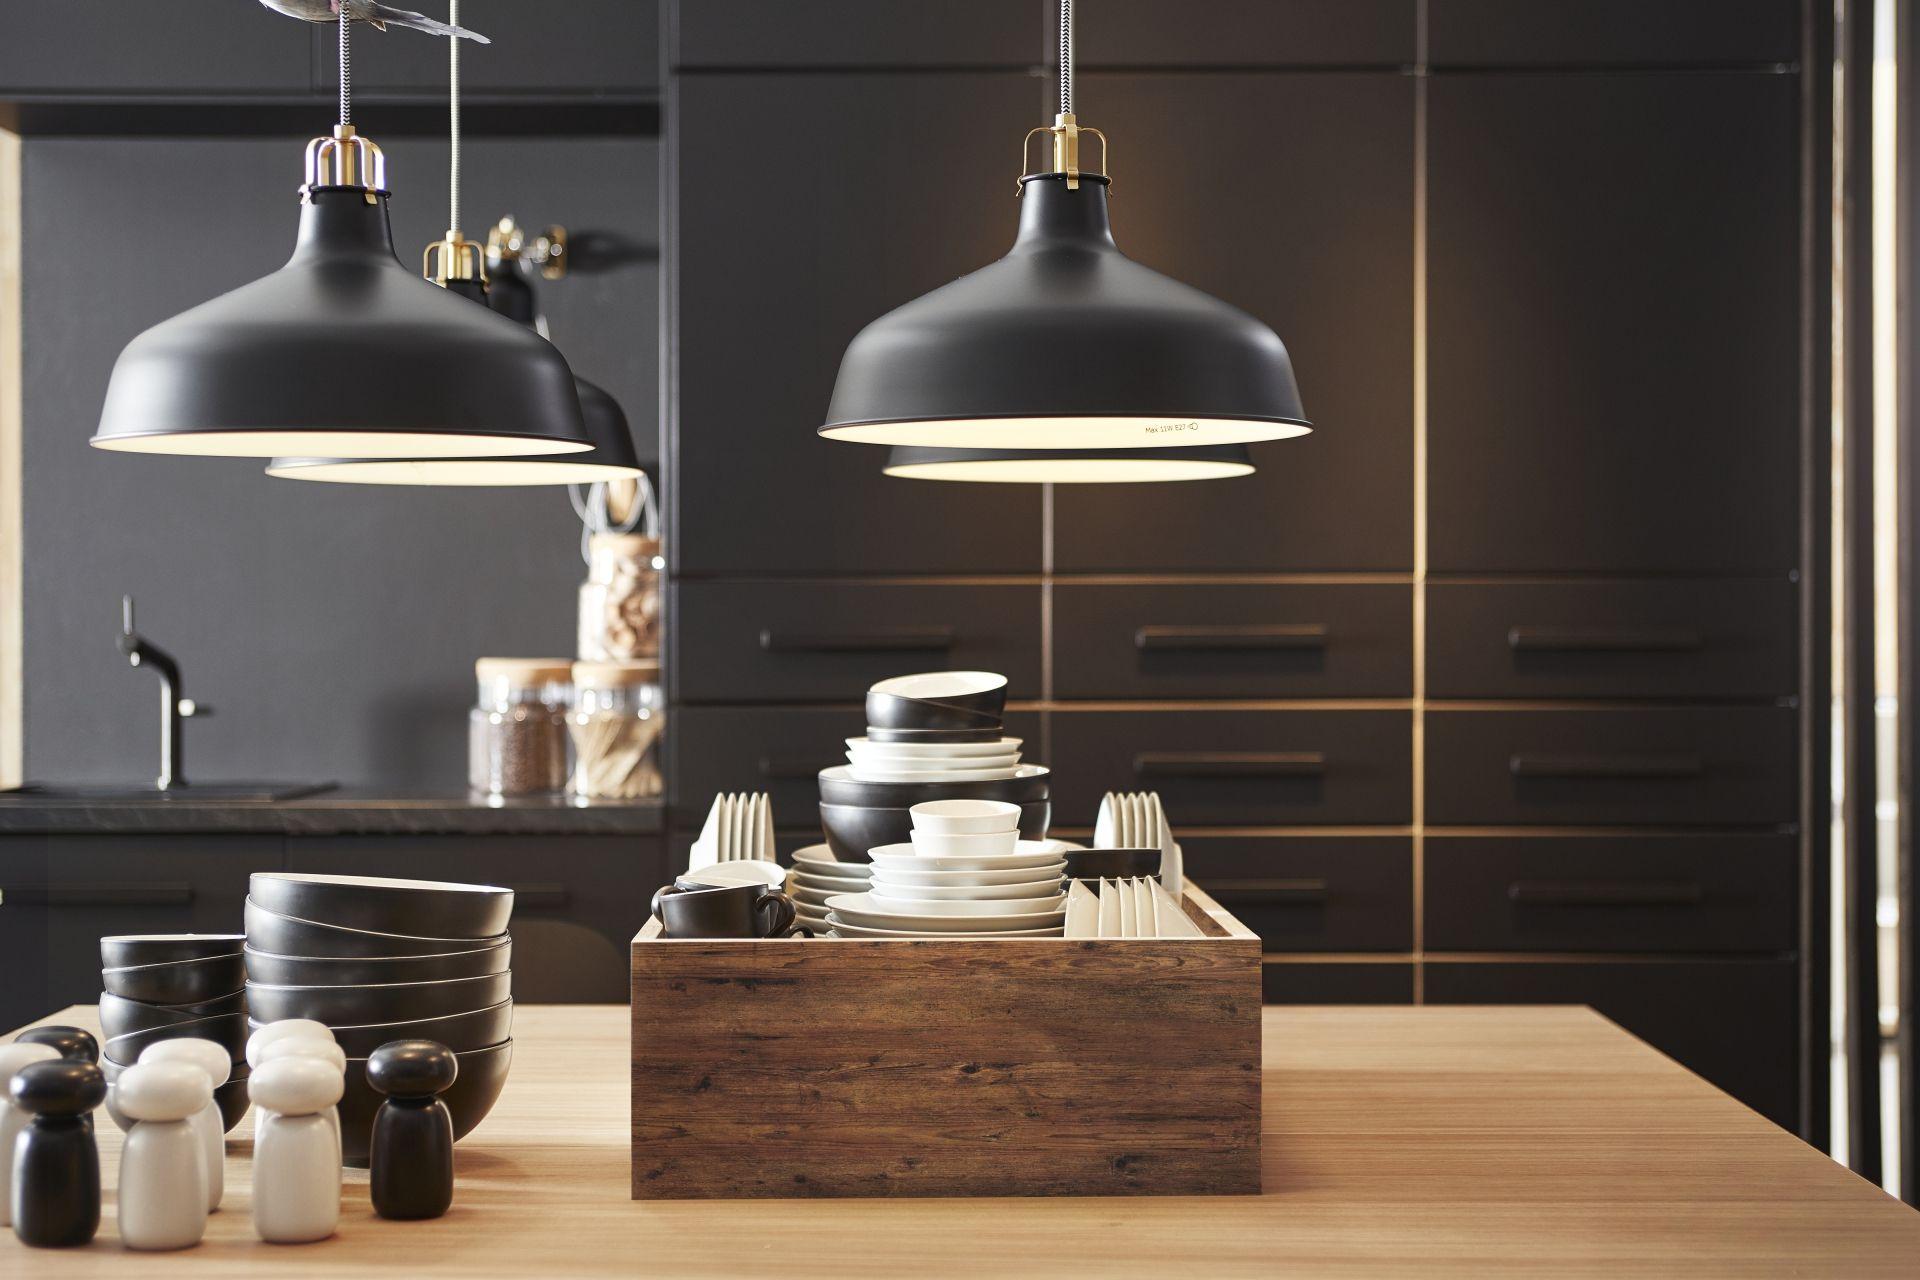 RANARP hanglamp | IKEA IKEAnl IKEAnederland inspiratie ...